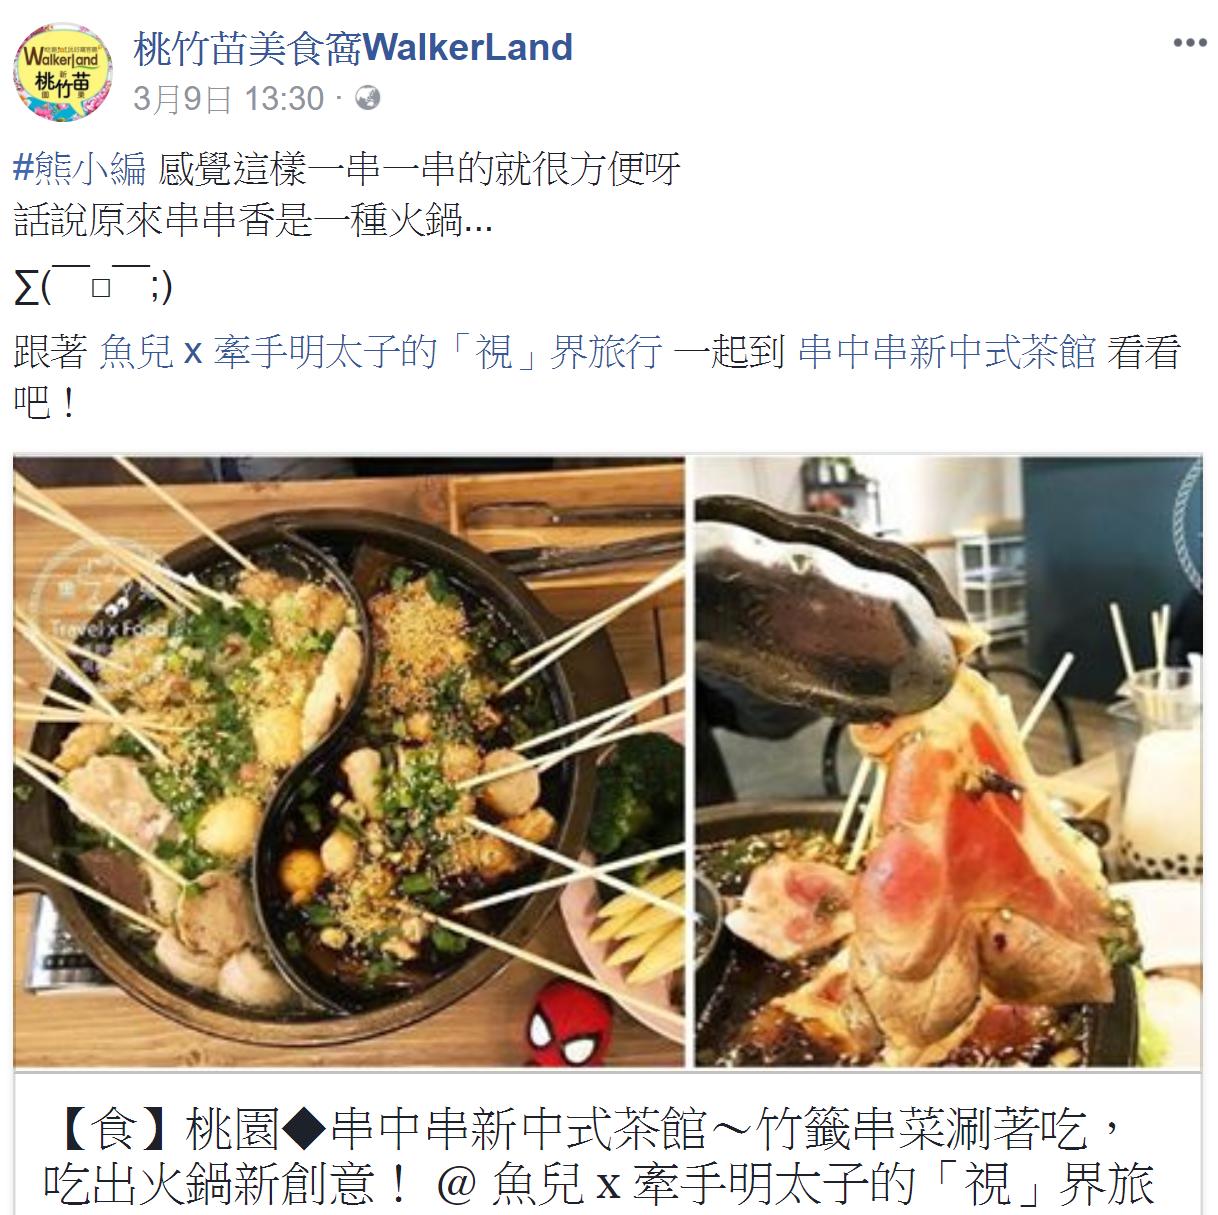 串中串新中式茶館~竹籤串菜涮著吃,吃出火鍋新創意!*己歇業 @魚兒 x 牽手明太子的「視」界旅行